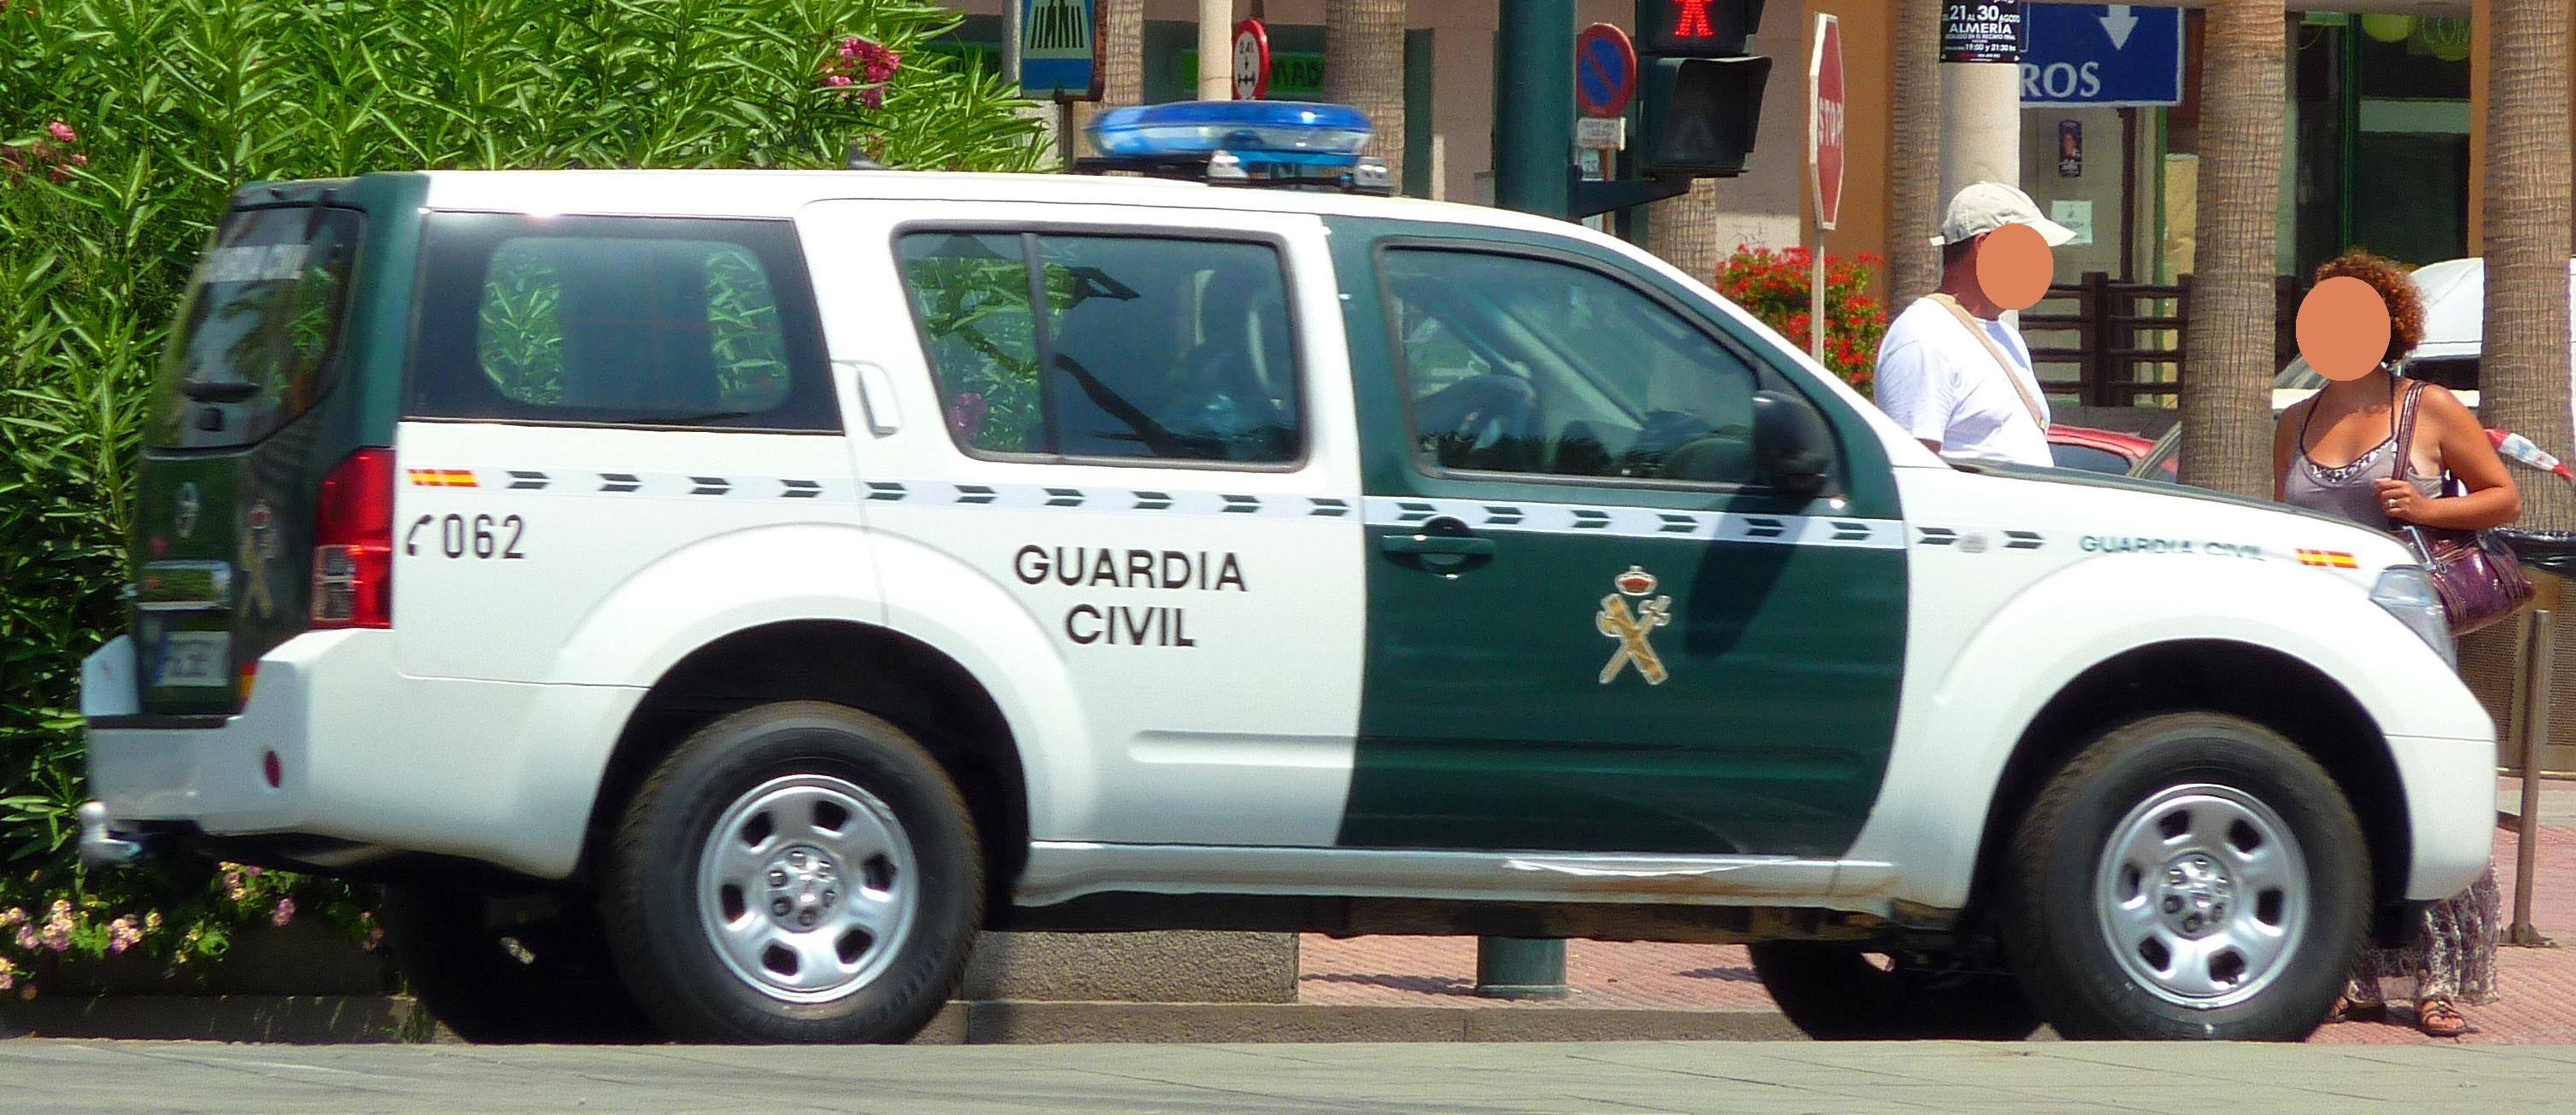 Nissan Pathfinder de la Guardia Civil - 2 detenidos por 5 robos en explotaciones agrícolas de Villarta de San Juan